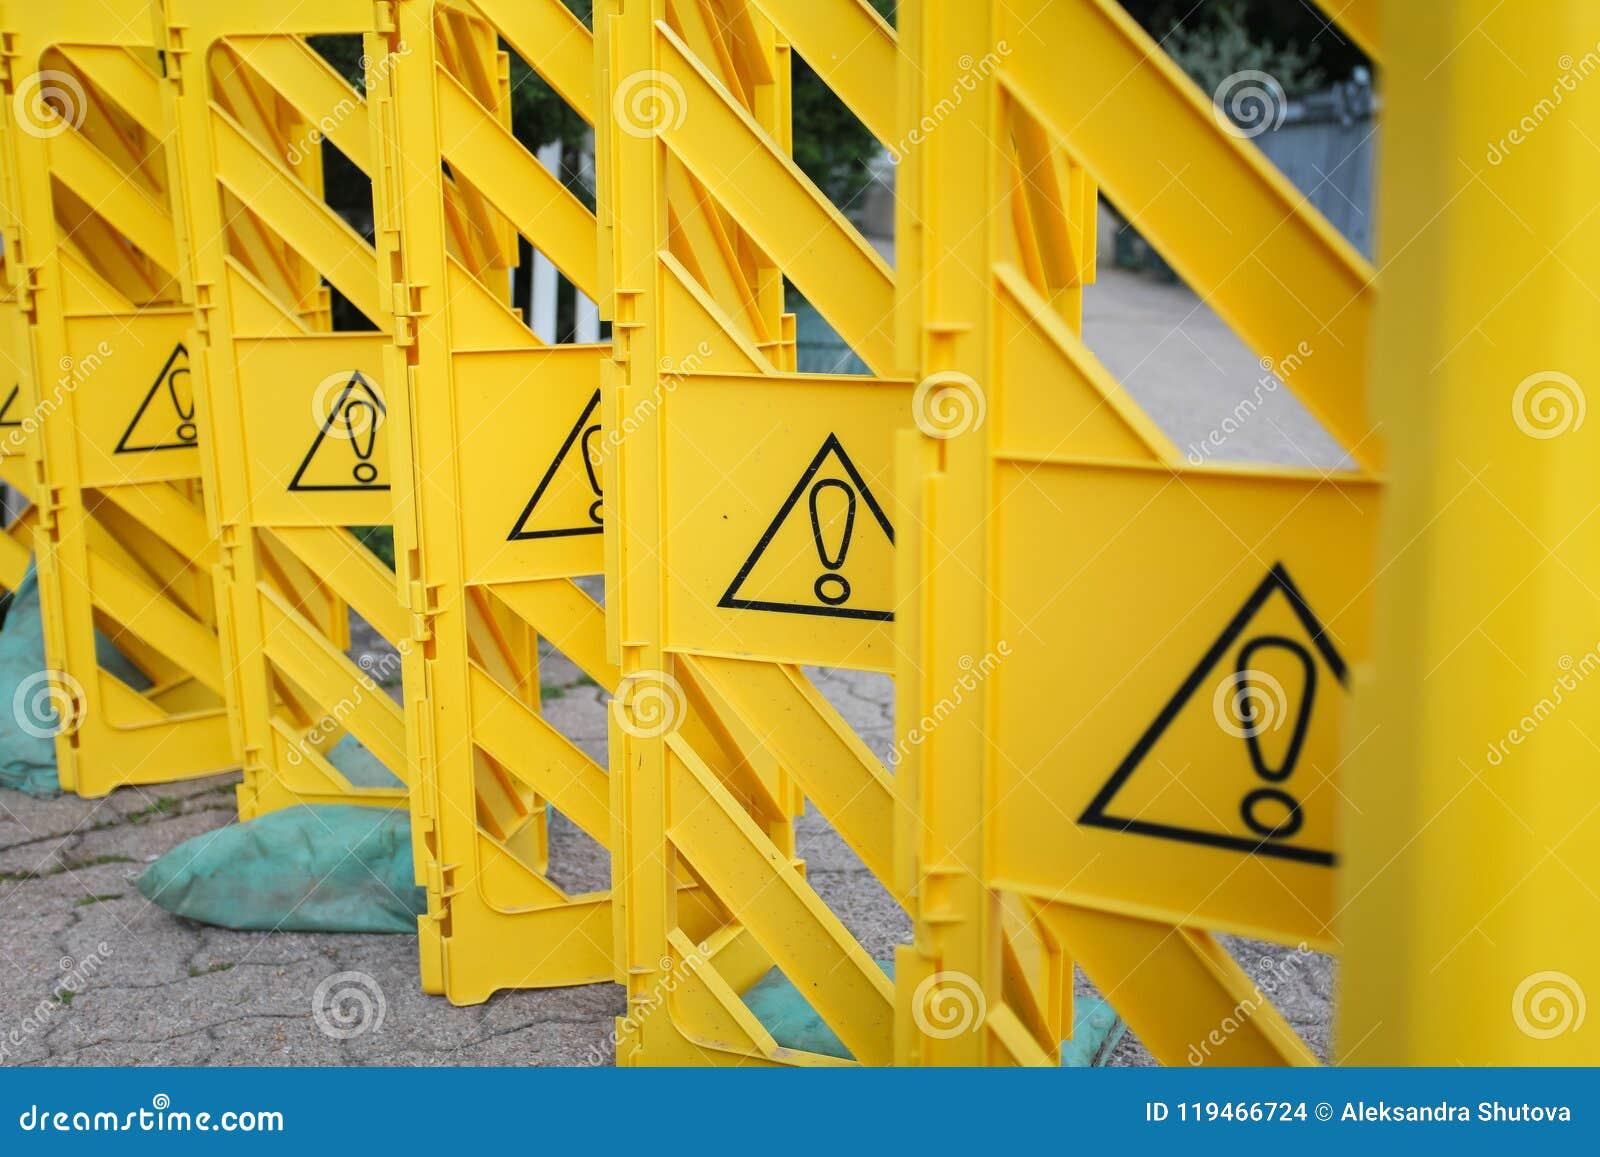 Żółty klingerytu ogrodzenie z okrzyk ocenami, pojęcie prohibicja, wynagrodzenie uwaga